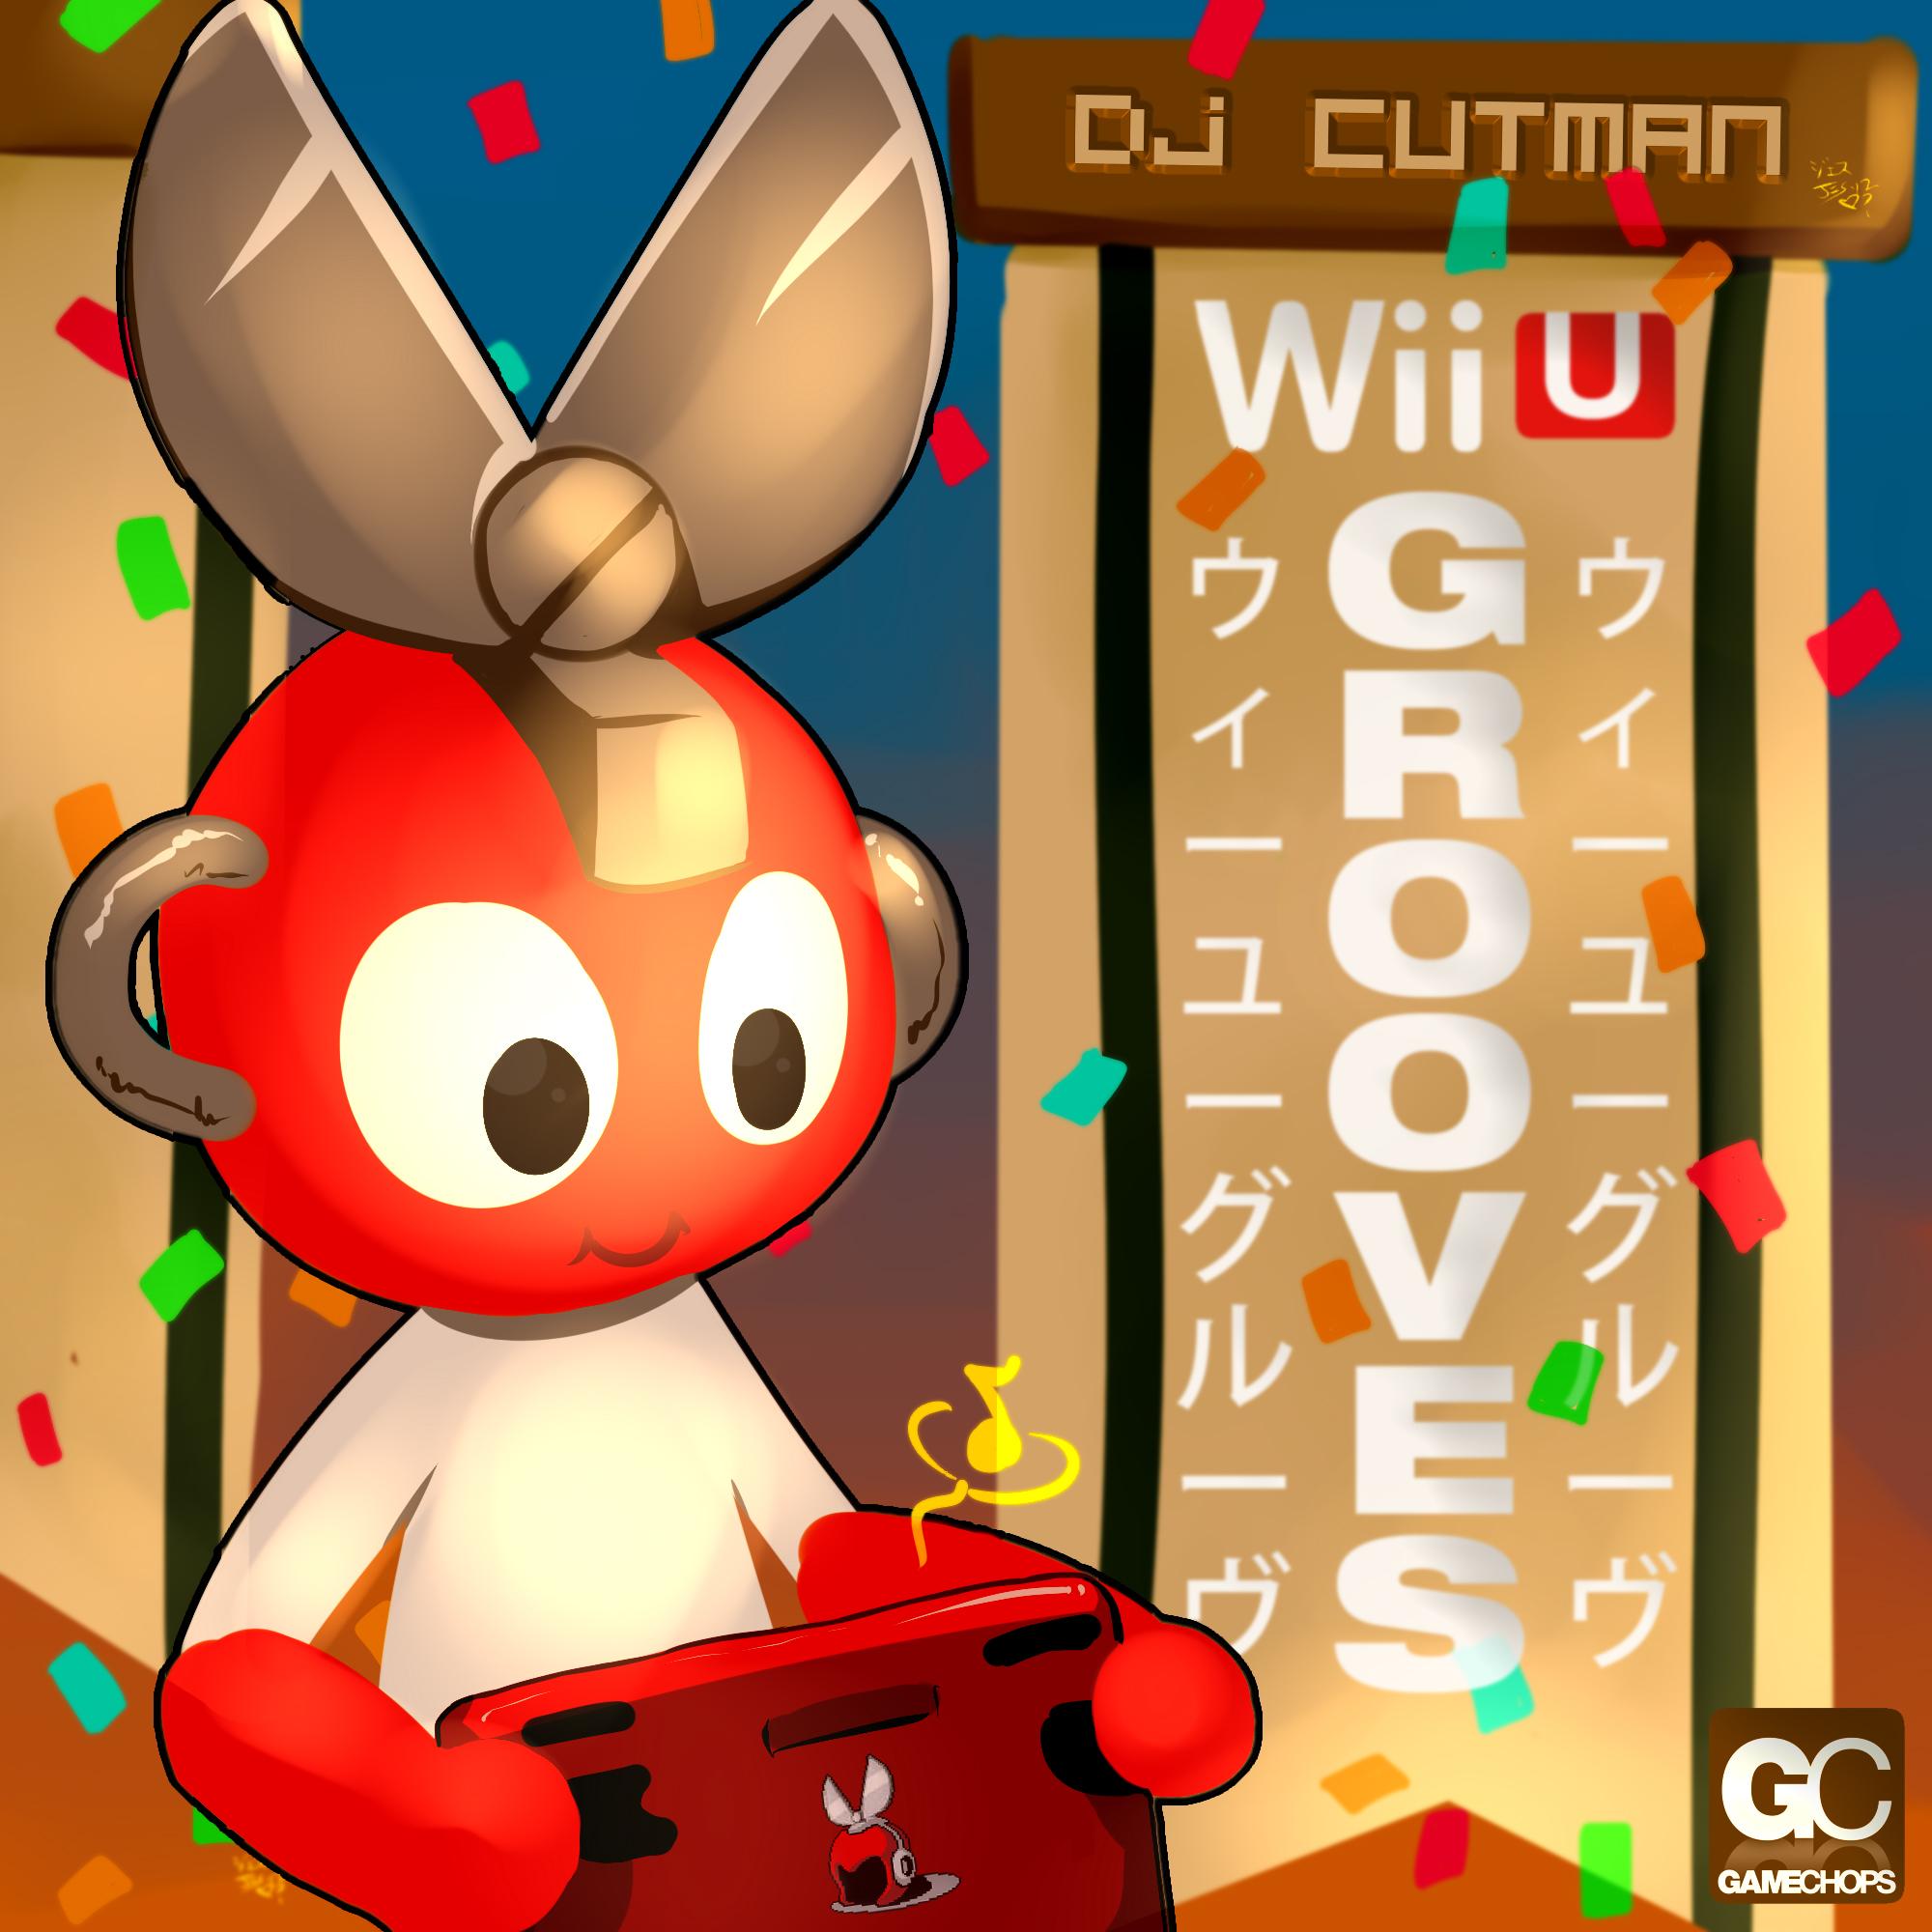 Wii U Grooves – Dj CUTMAN